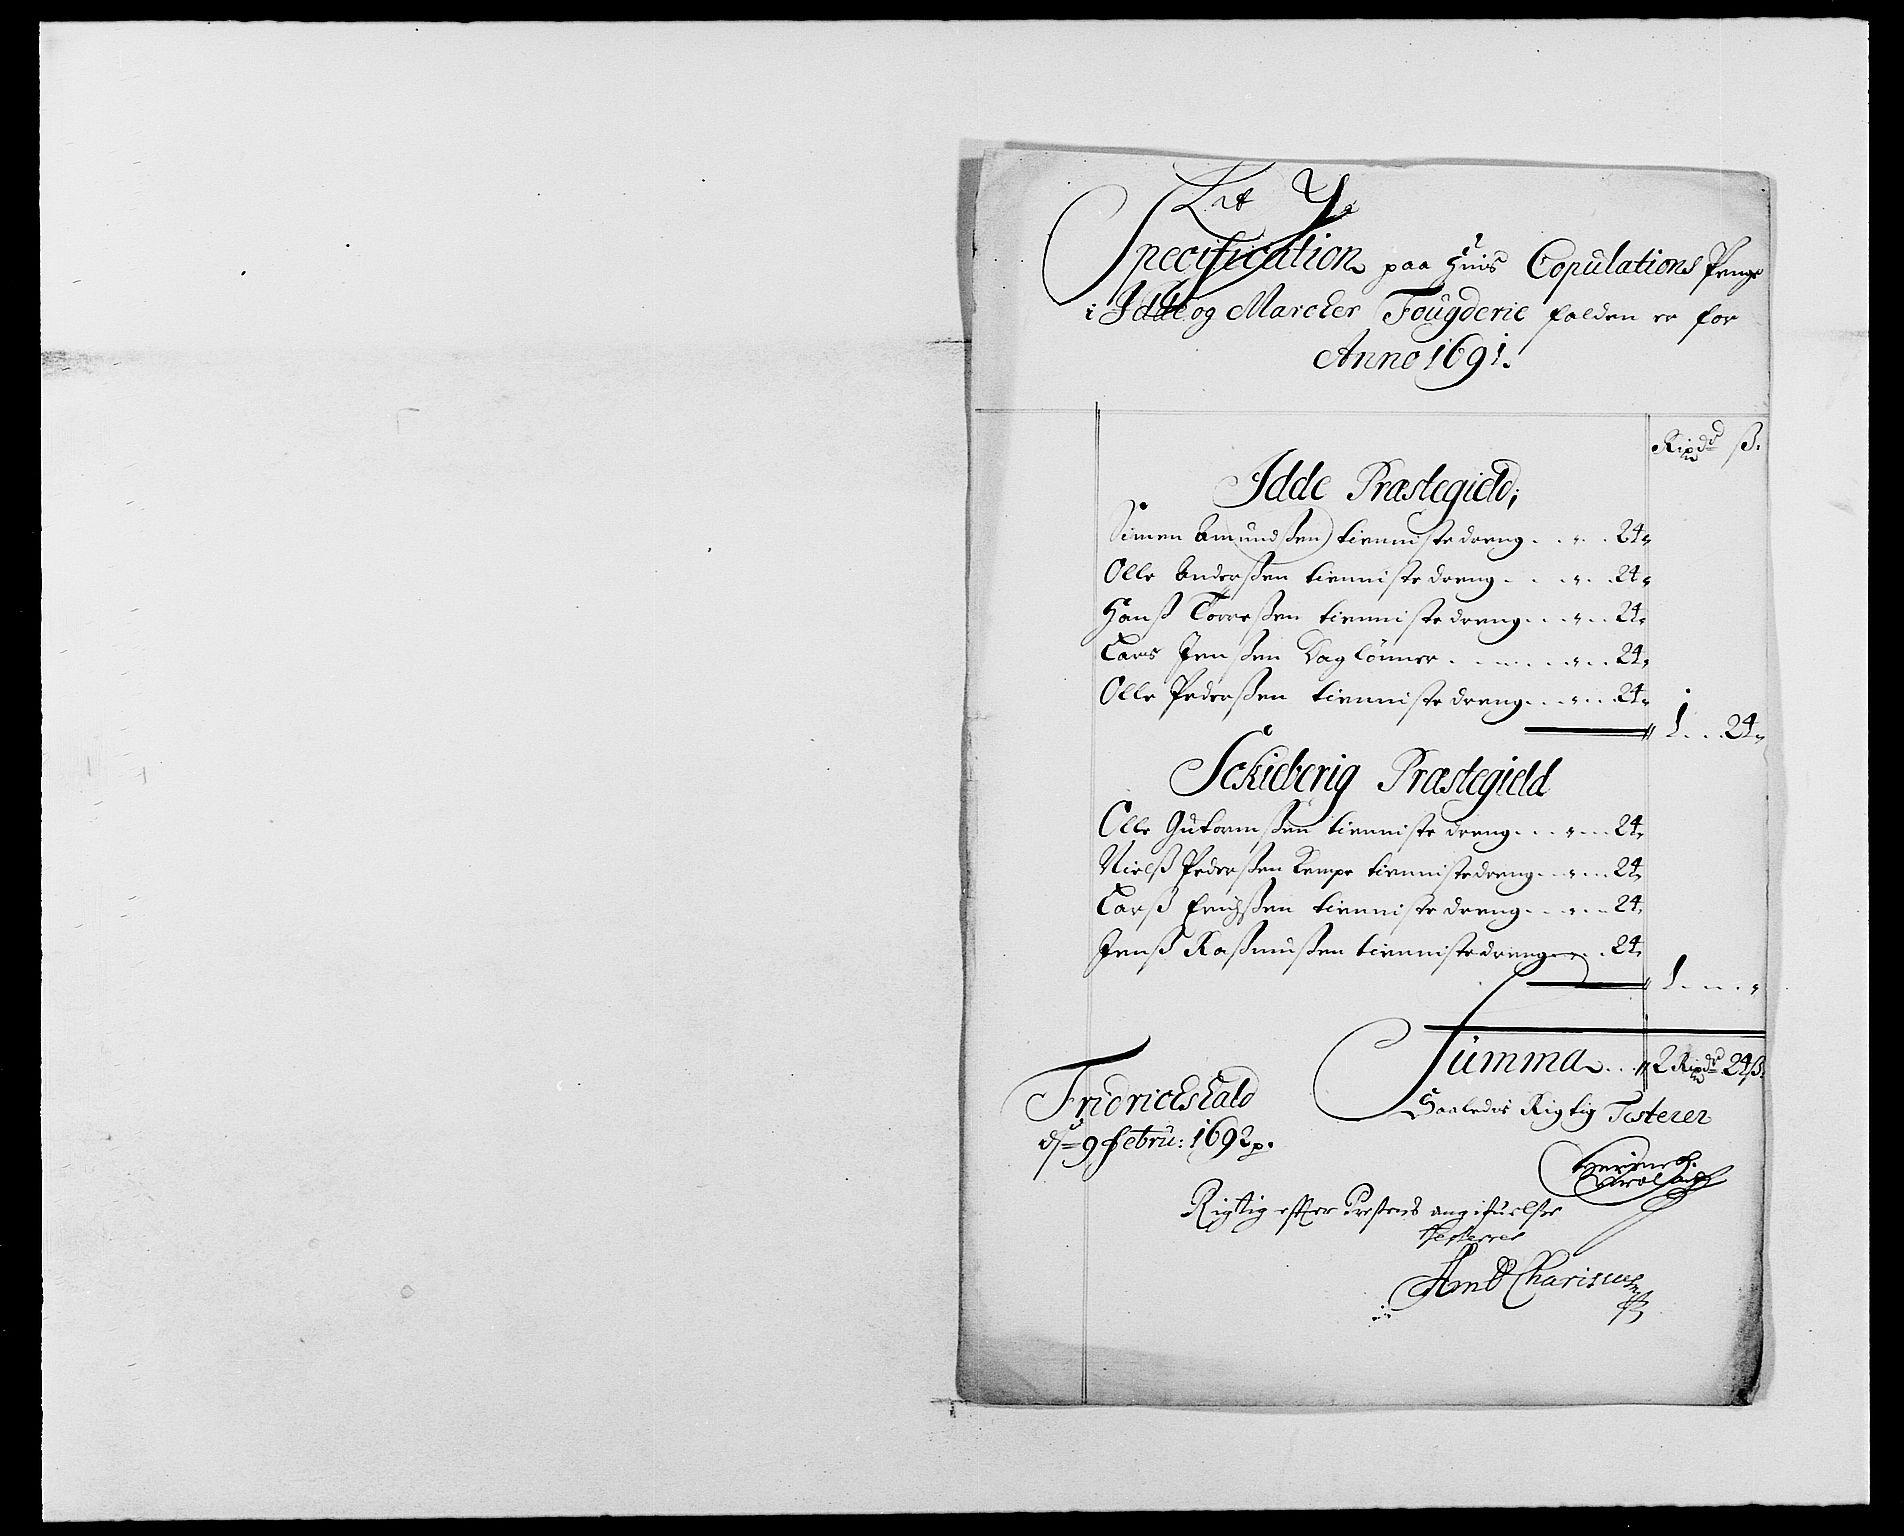 RA, Rentekammeret inntil 1814, Reviderte regnskaper, Fogderegnskap, R01/L0010: Fogderegnskap Idd og Marker, 1690-1691, p. 416